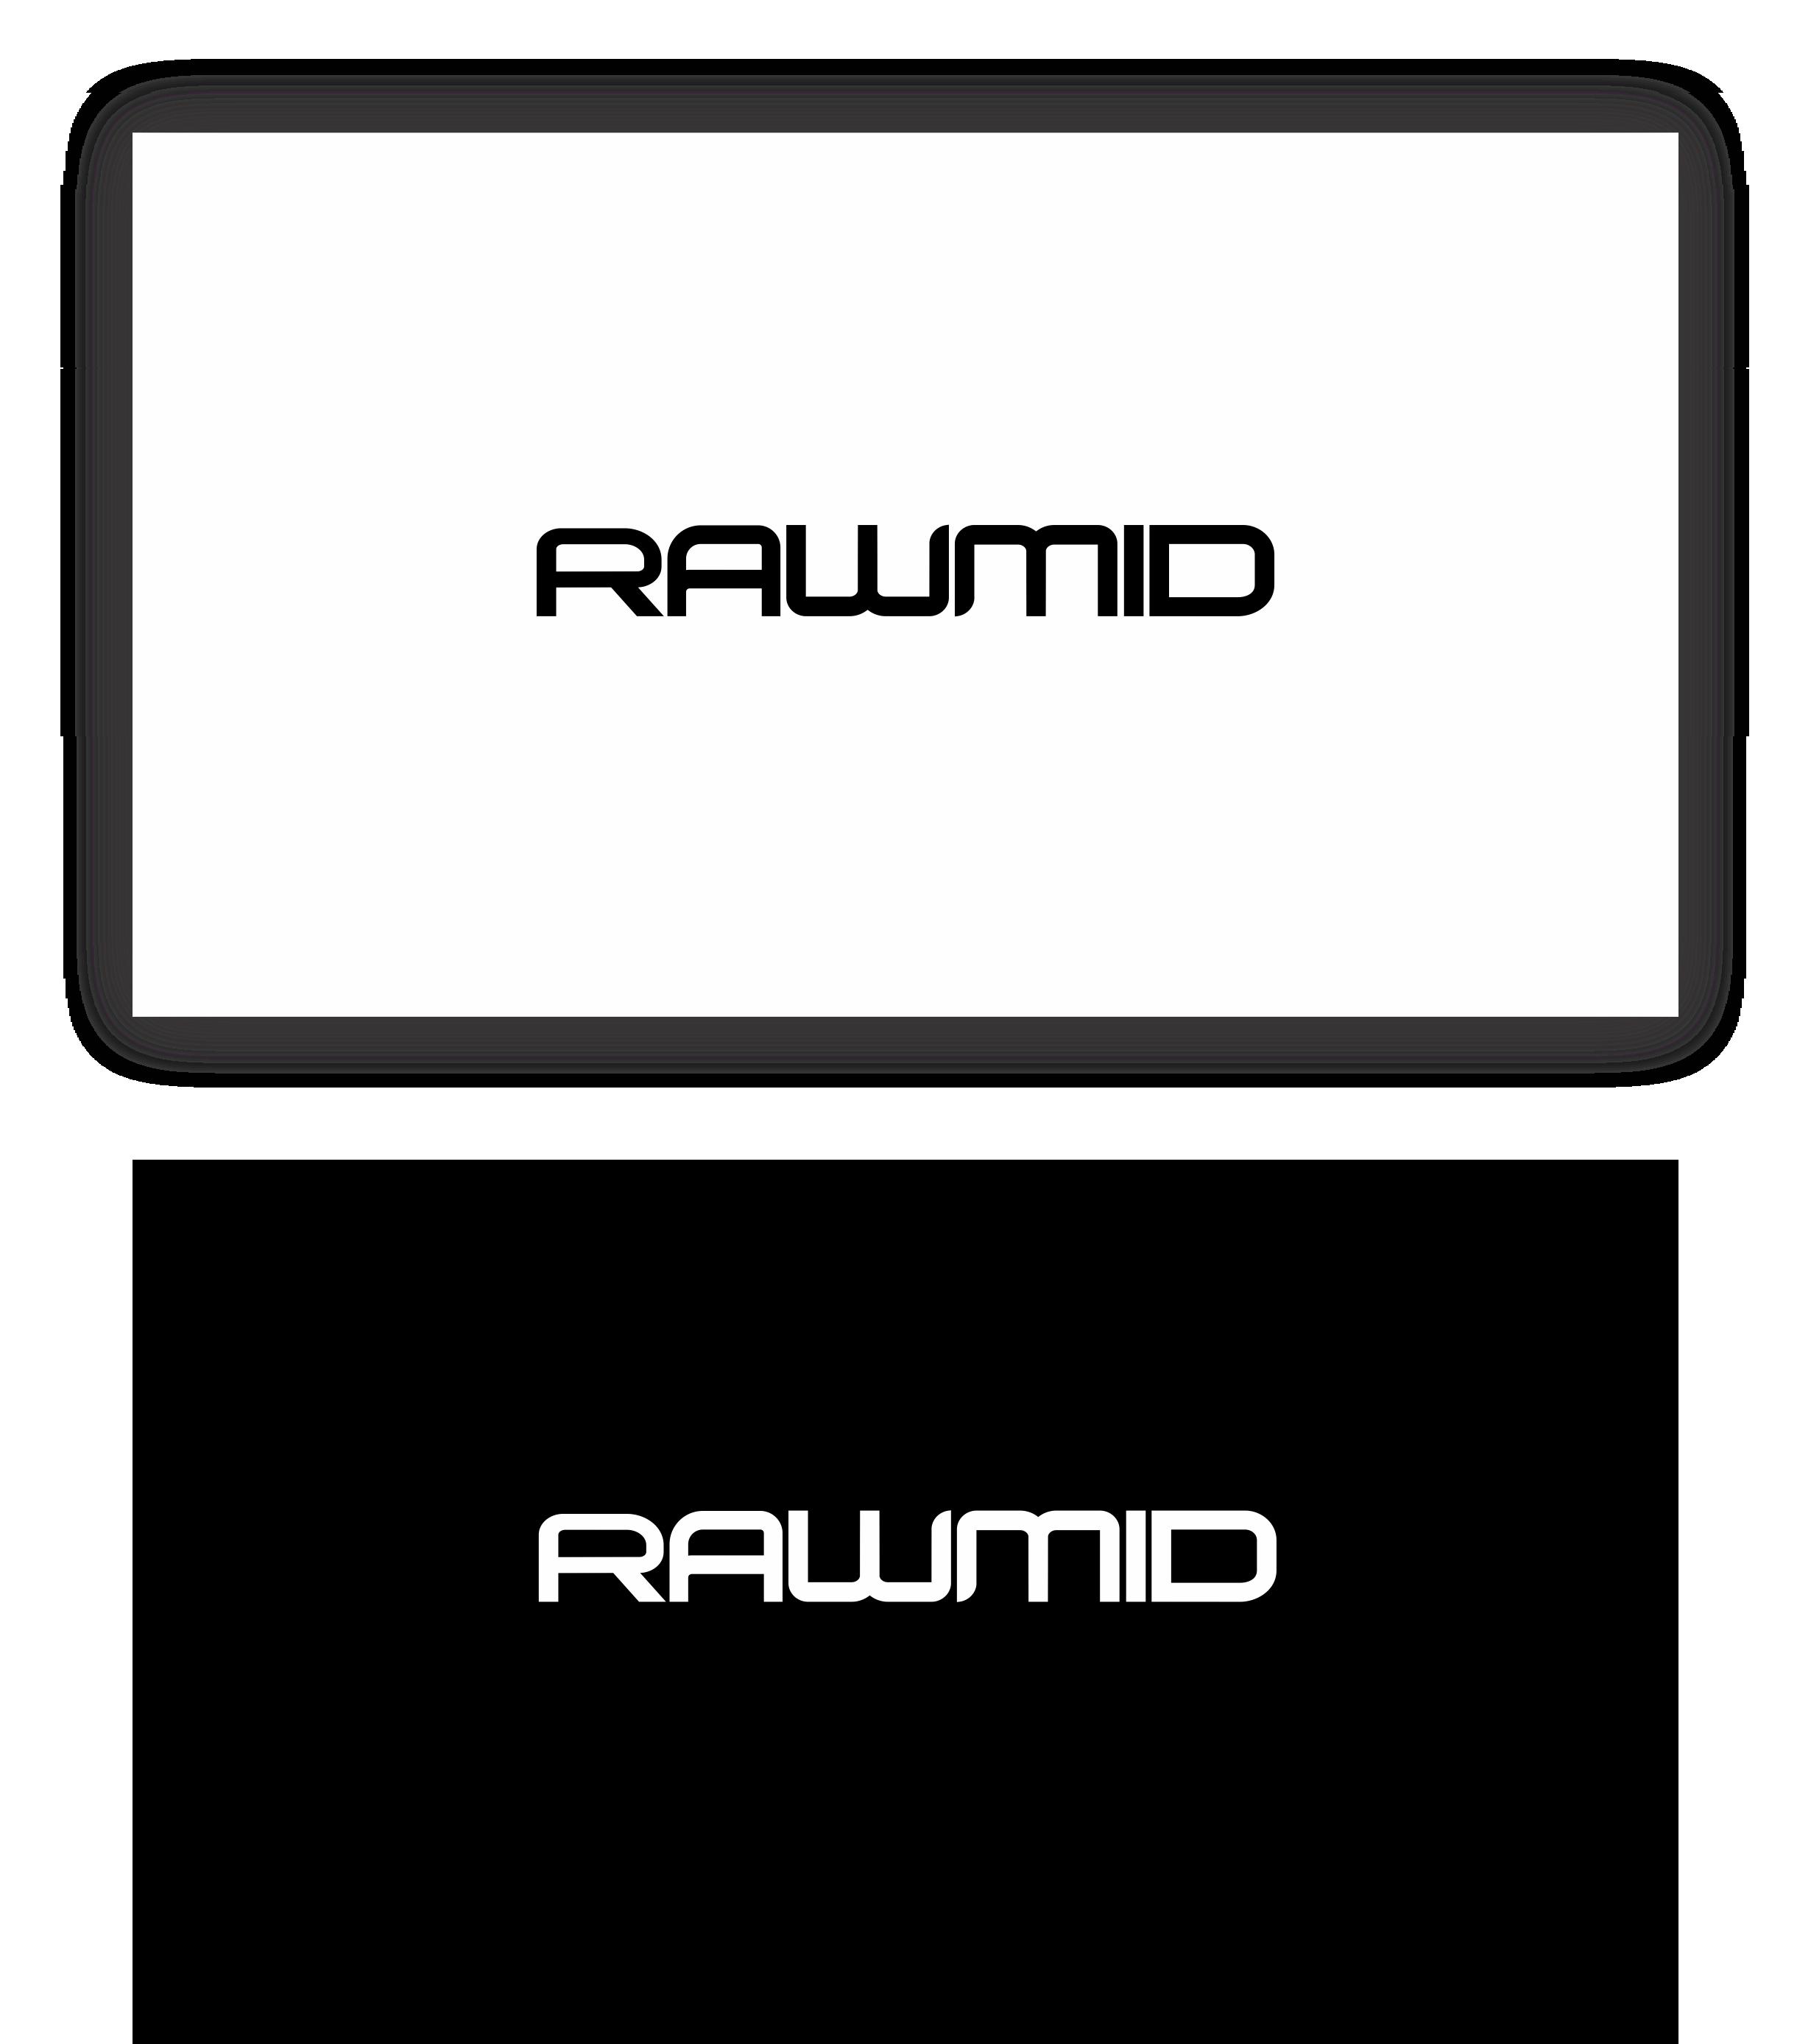 Создать логотип (буквенная часть) для бренда бытовой техники фото f_2155b3b35adeb969.png